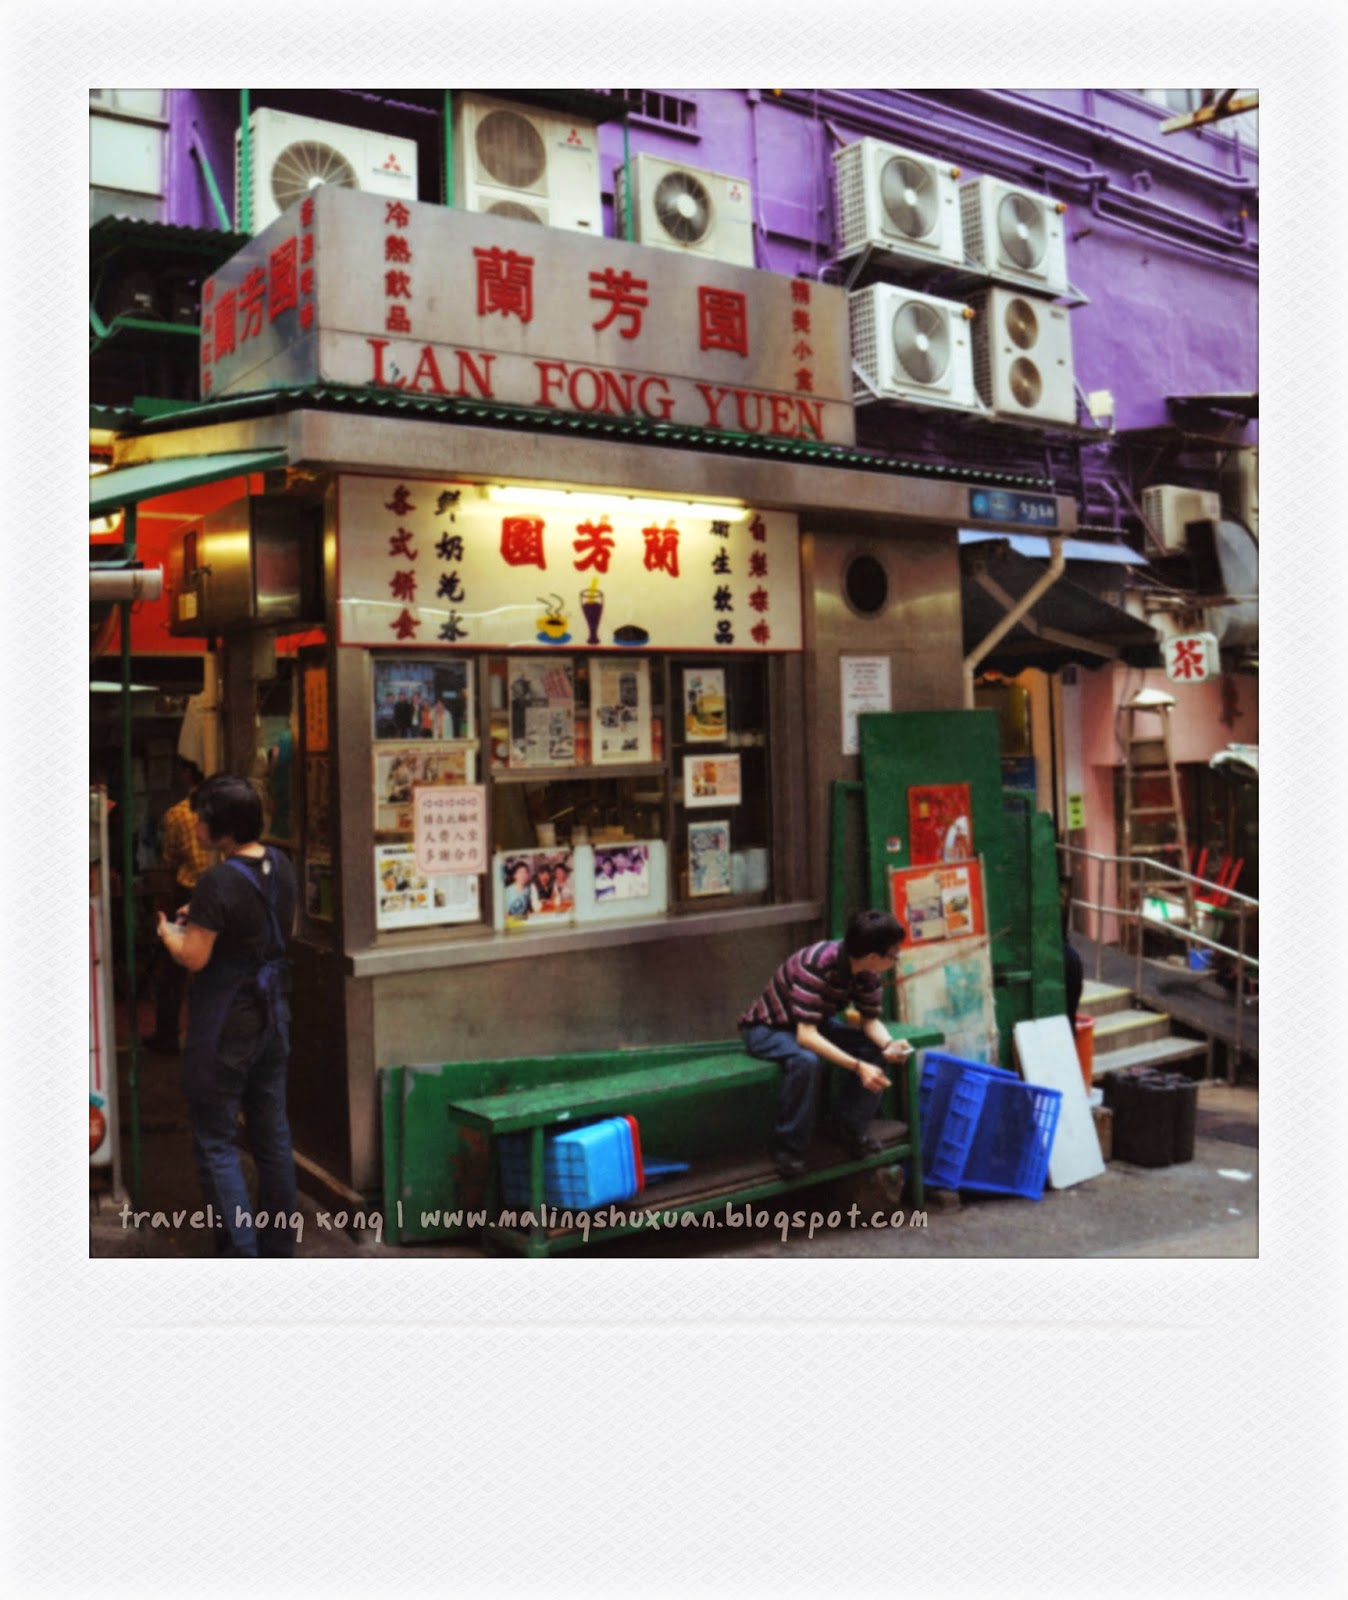 軒外之音 the-blogger-cinda: 軒外之音 | 香港 | 香港中環美食:六十多年老字號 - 蘭芳園 Lan Fong Yuen